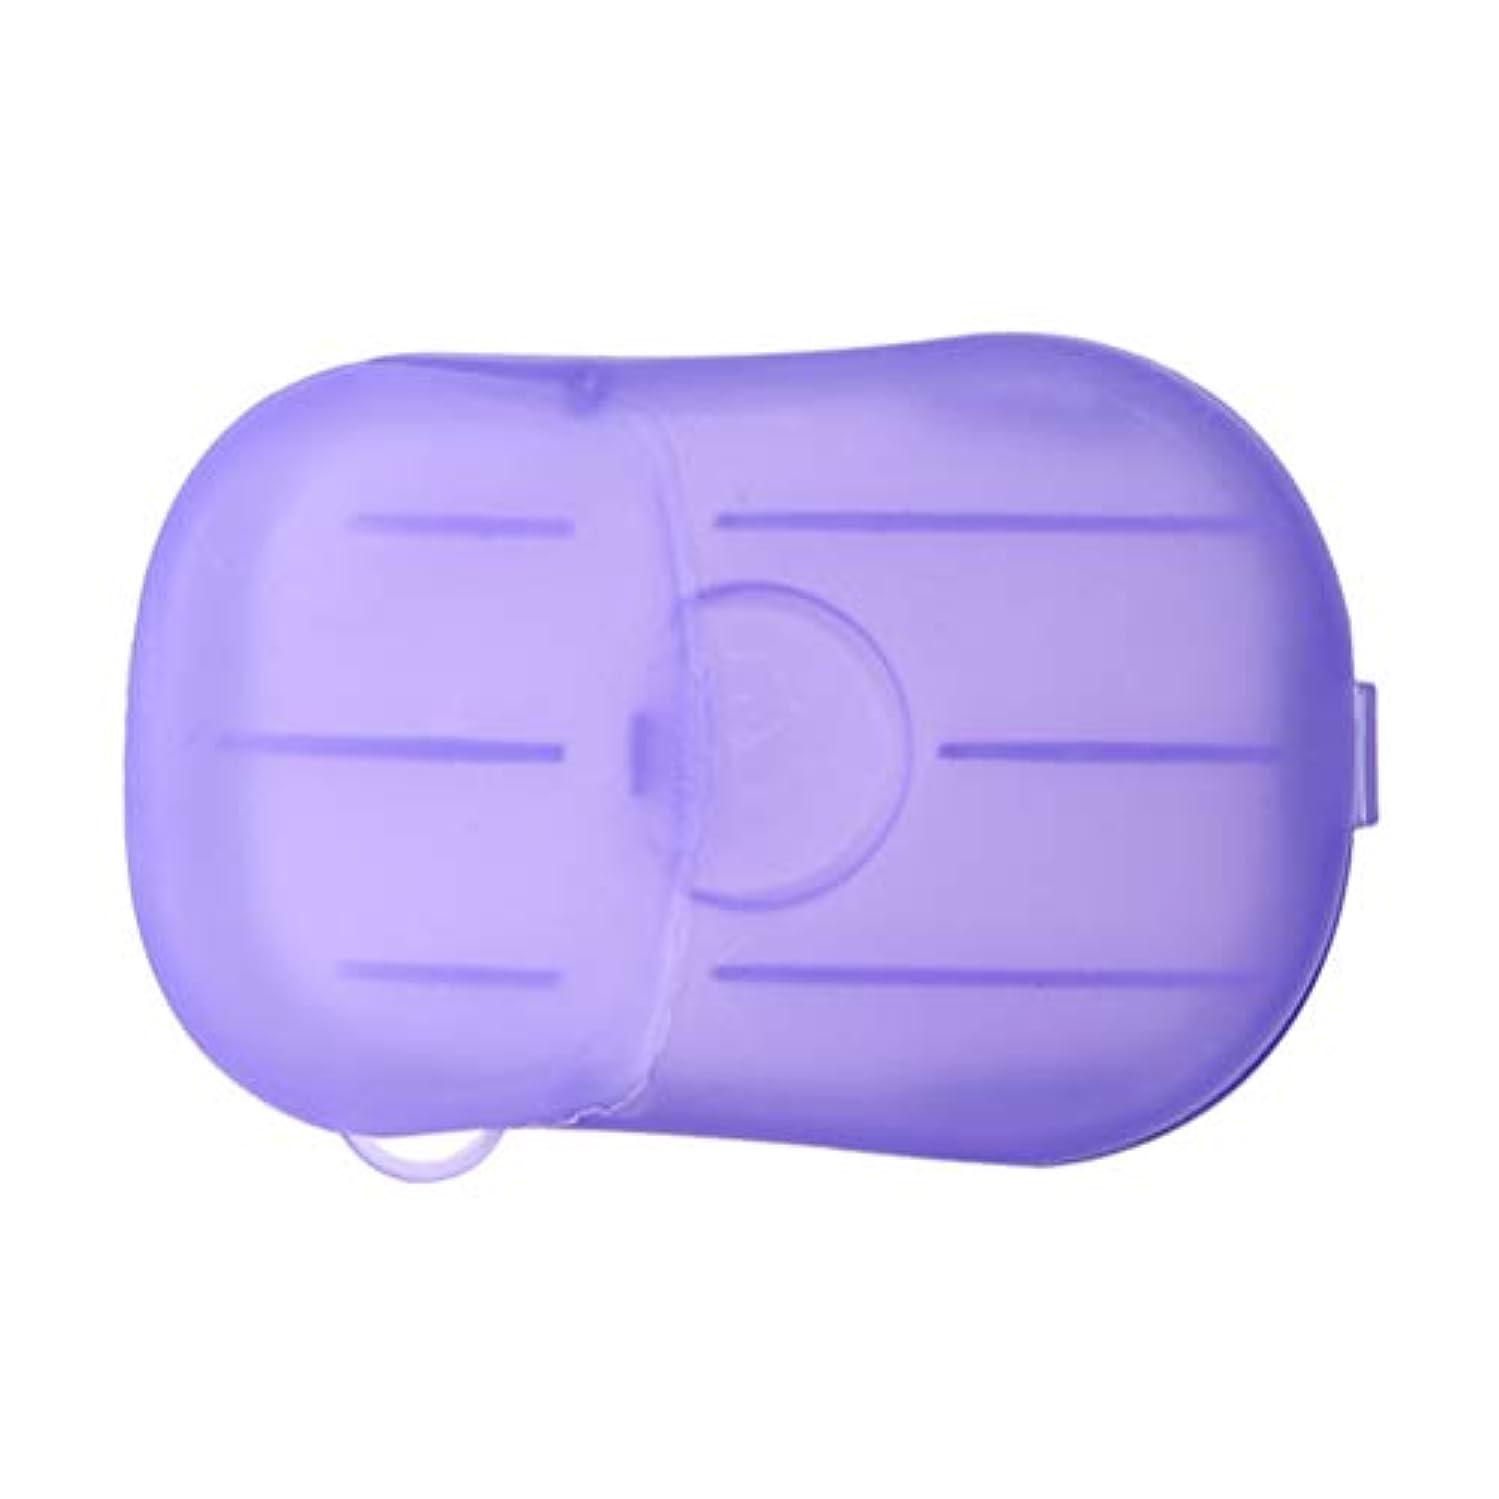 治療ブランド名改善するLIOOBO 20ピース石鹸フレーク使い捨てクリーニングペーパーポータブルシャワー用品手洗い石鹸シーツ付きトラベルキャンプハイキング(パープル)